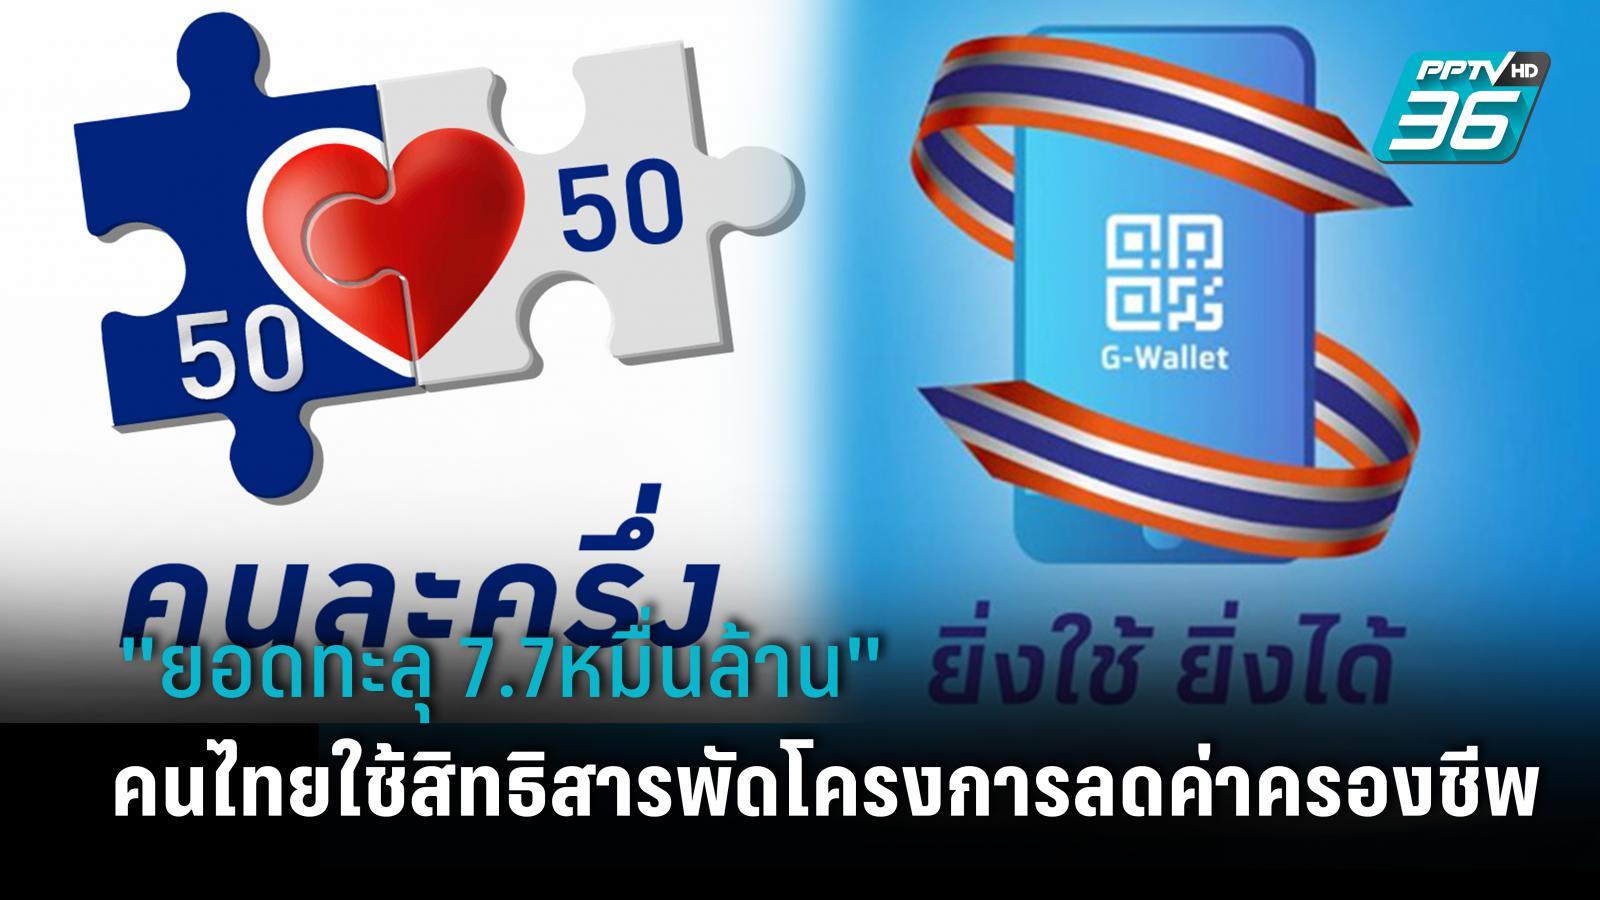 คนไทยใช้สารพัดมาตรการเยียวยา-ลดค่าครองชีพ ยอดทะลุ 7.7หมื่นล้าน